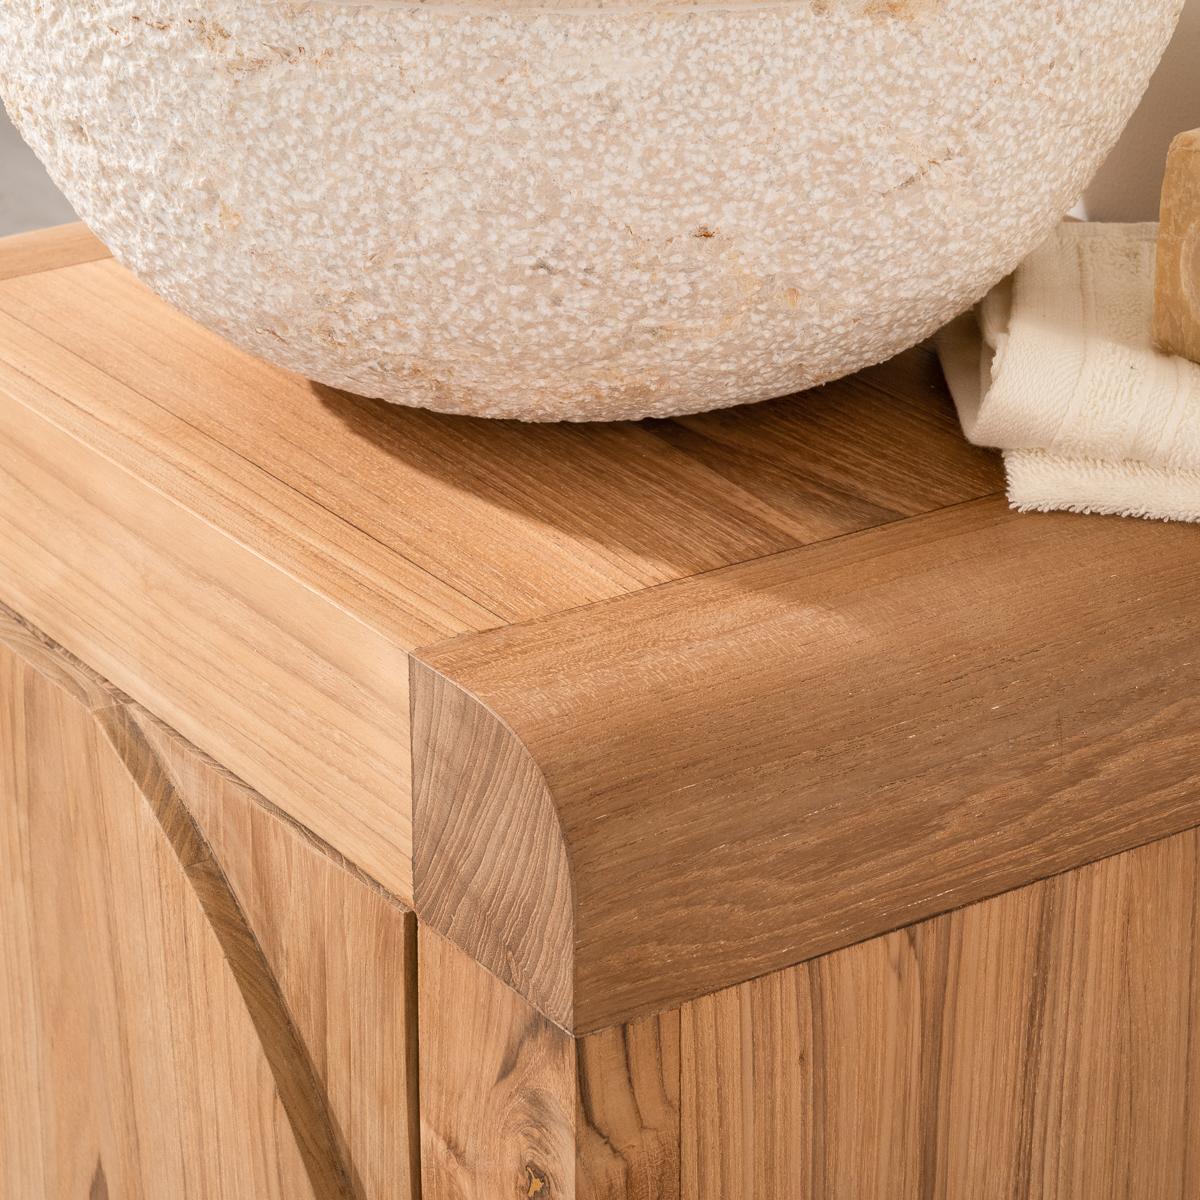 Meuble sous vasque simple vasque en bois teck massif for Petit meuble bois brut